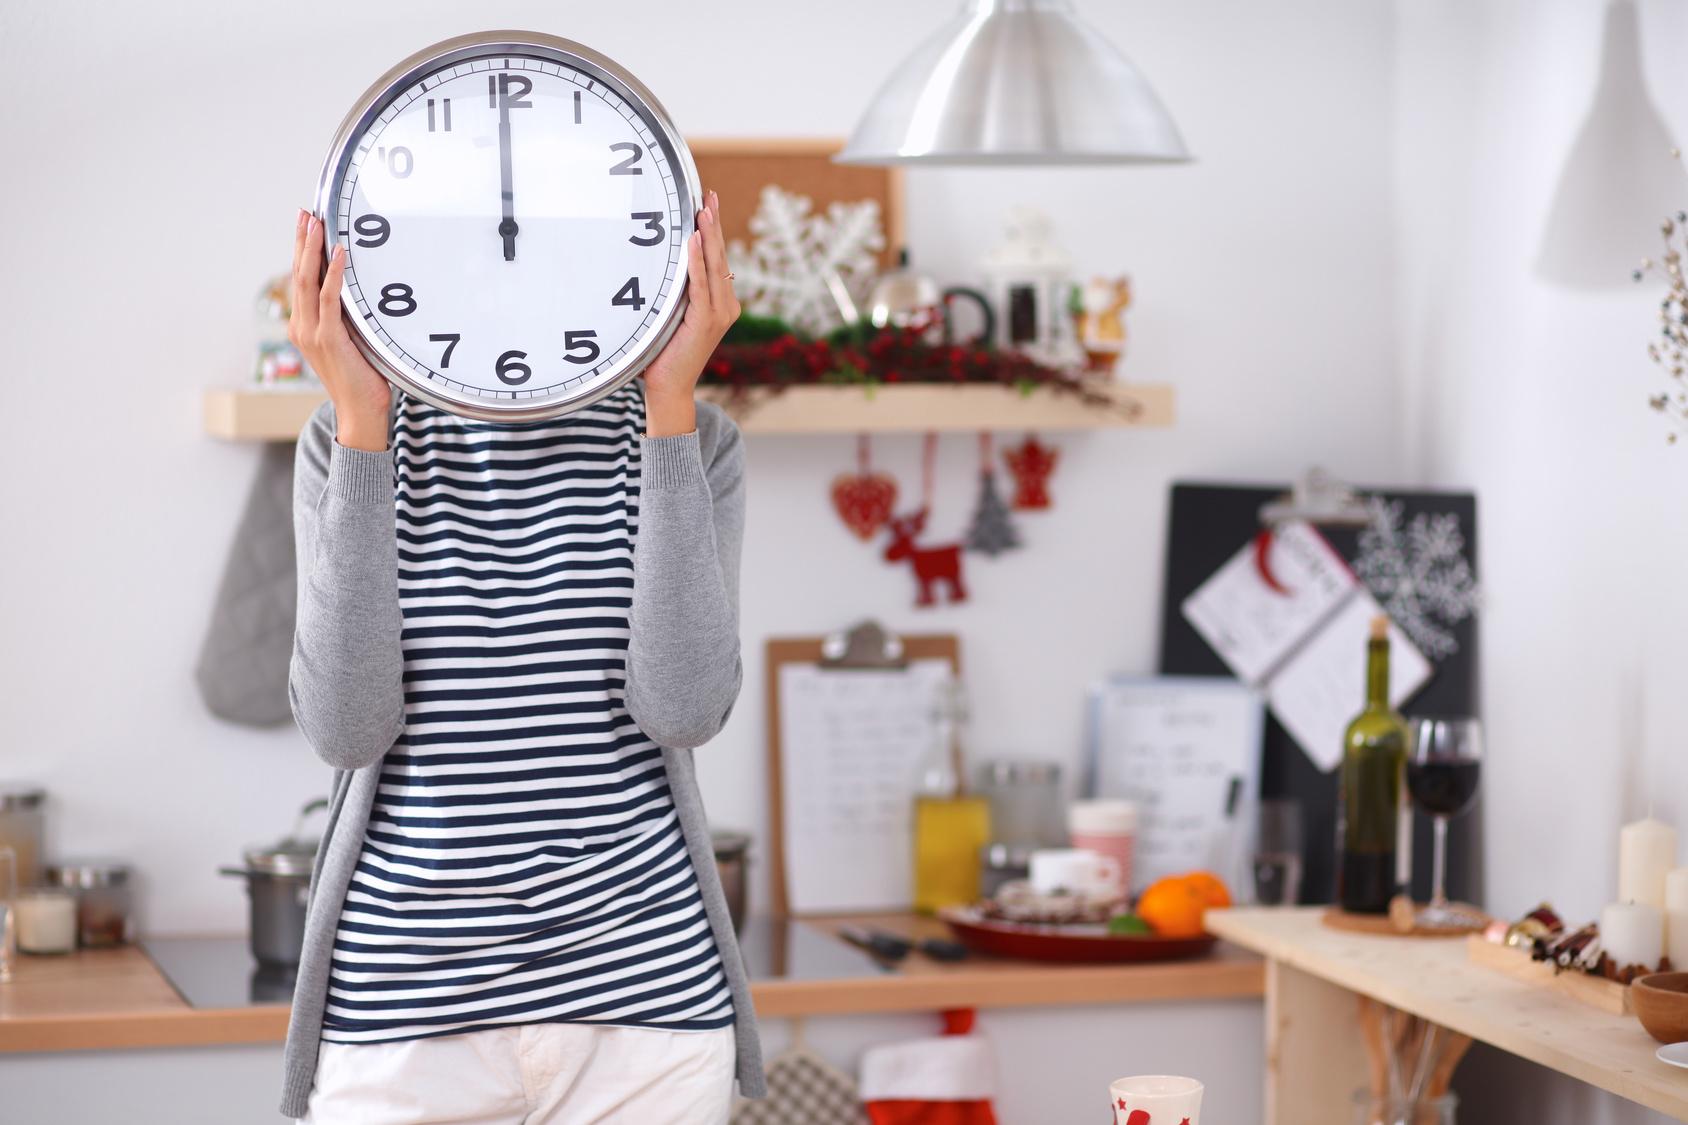 Утром чувствительность к инсулину выше, чем вечером и ночью